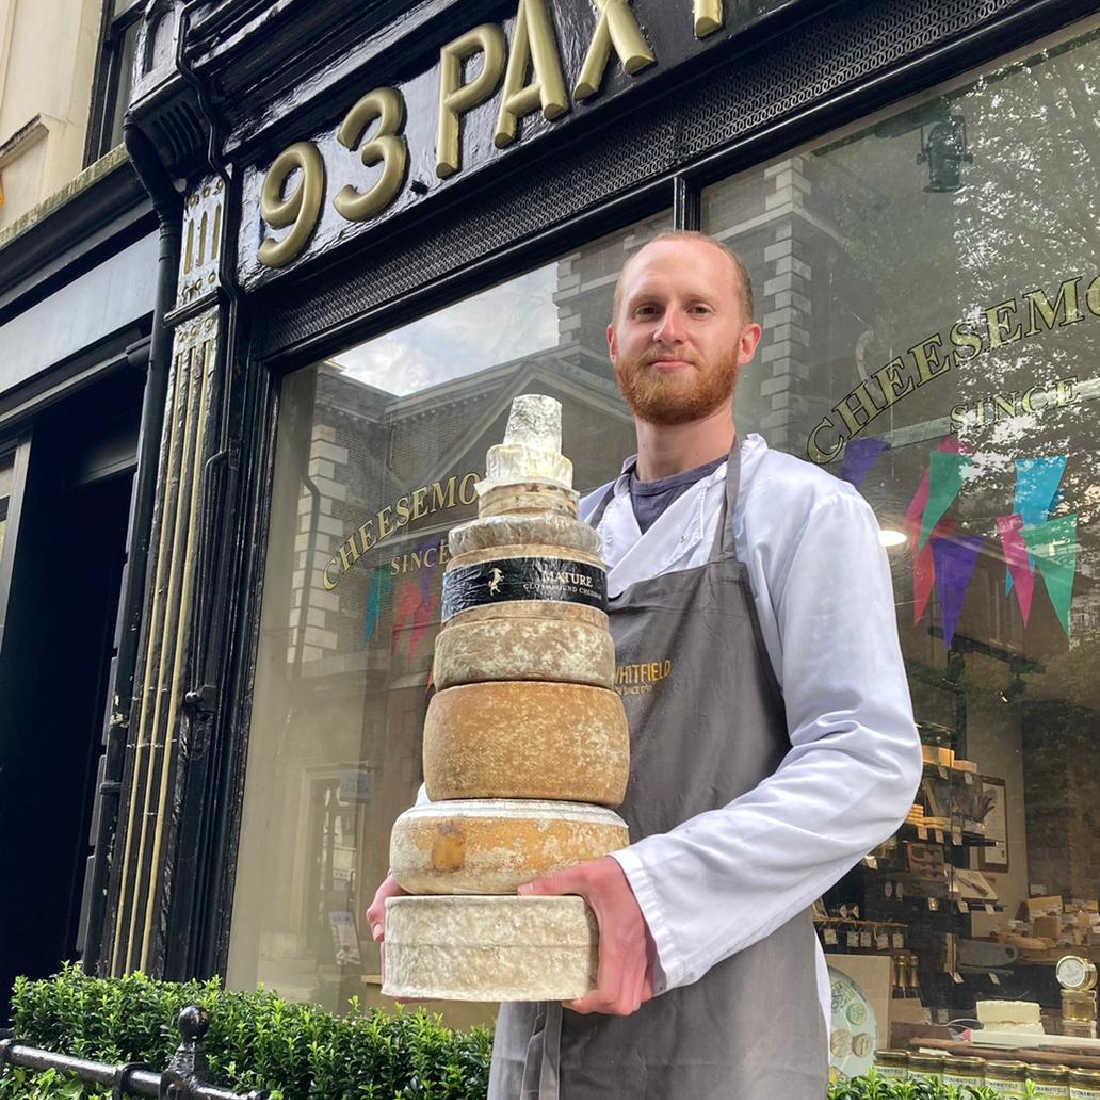 Cheese-Wedding-Cake-Consultancy16y9psvsgAj9p